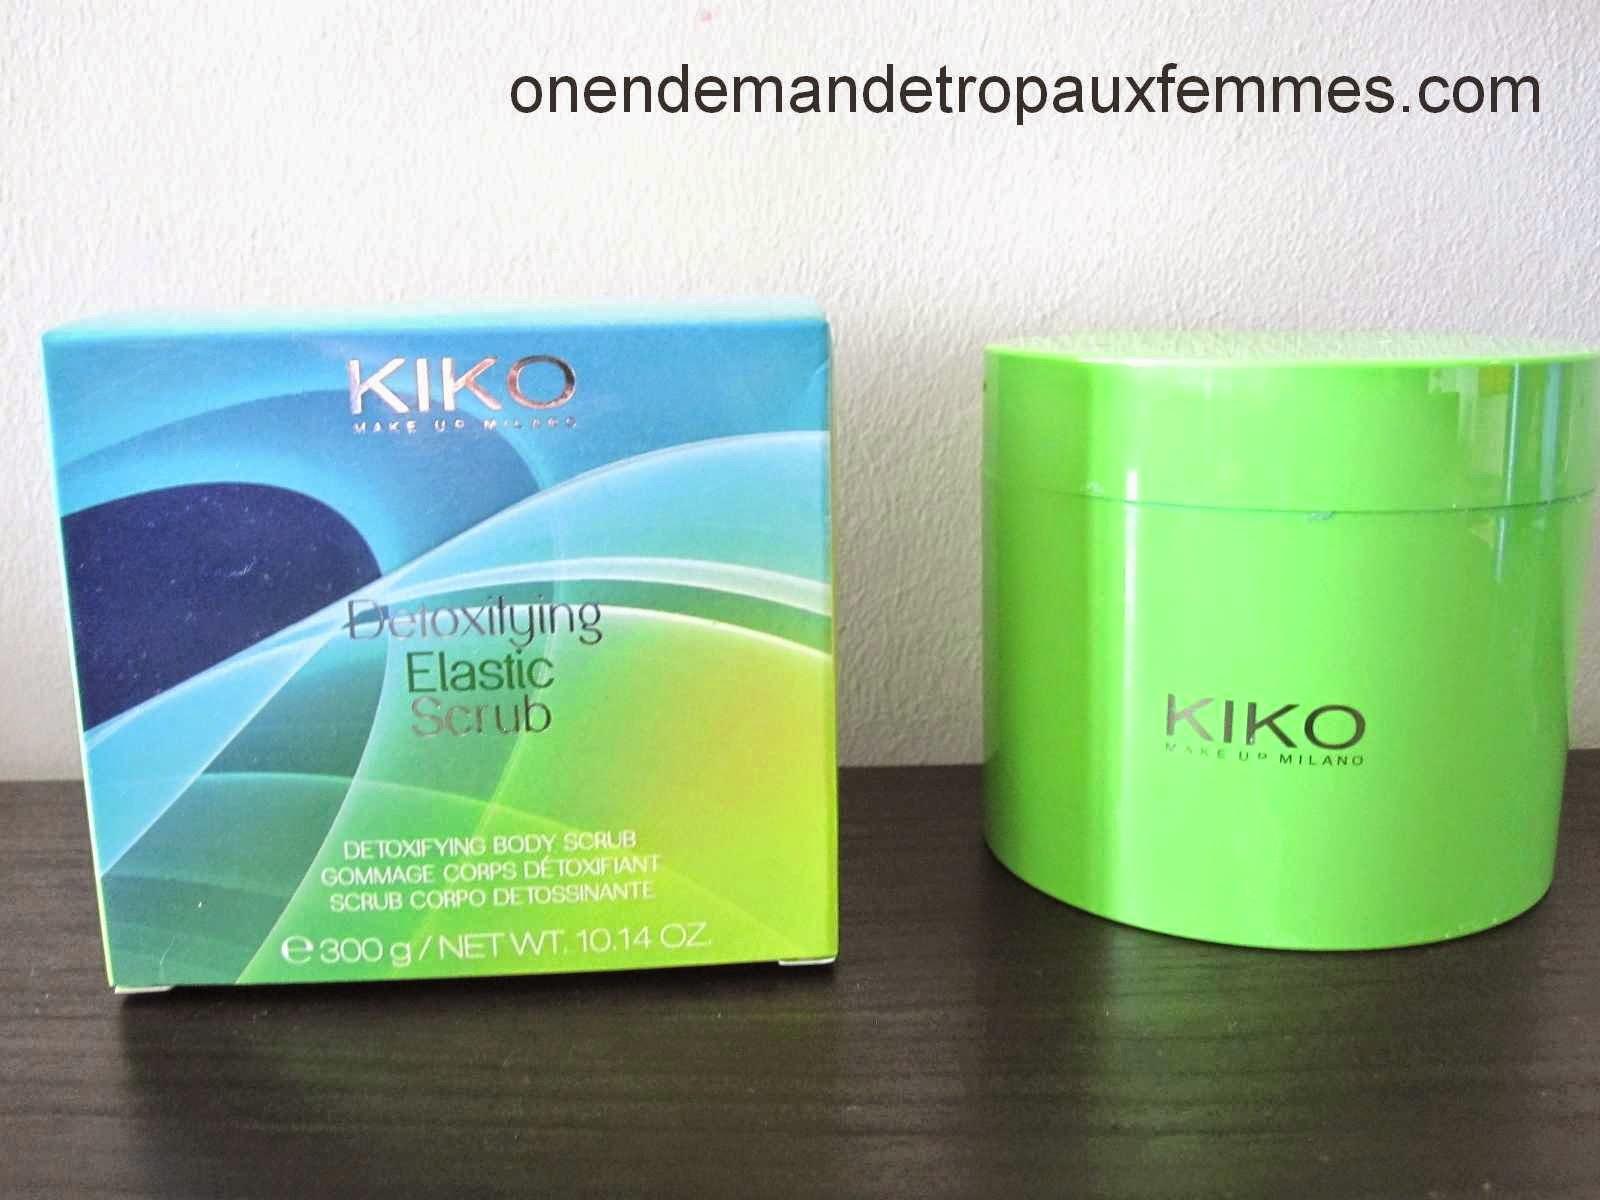 Detoxifying Elastic Scrub de KIKO